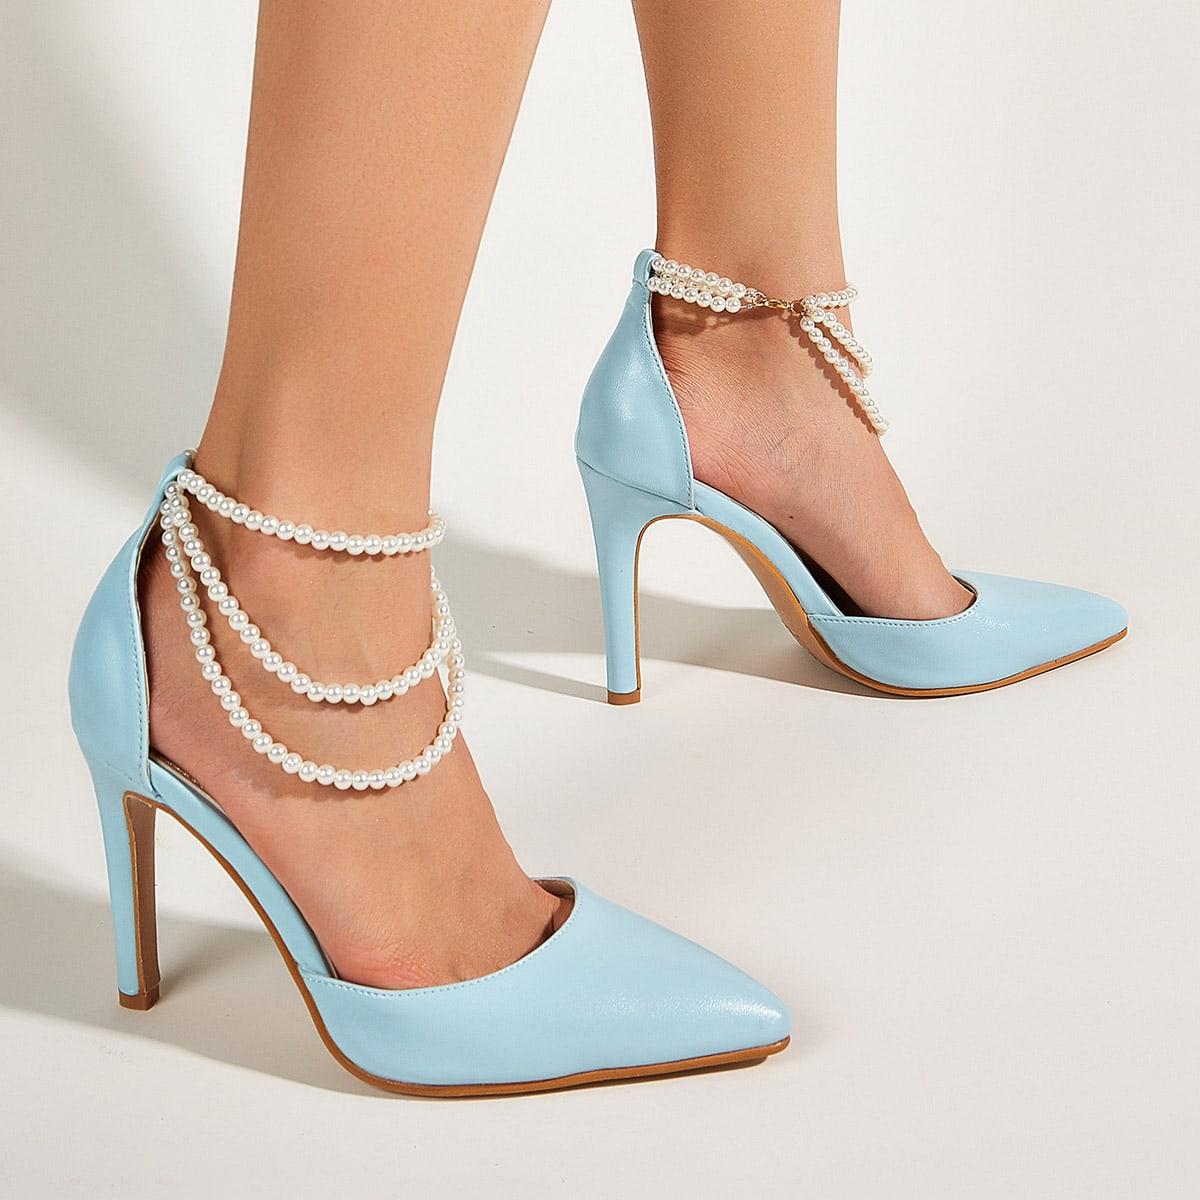 Остроконечные туфли на шпильках с искусственными жемчугами